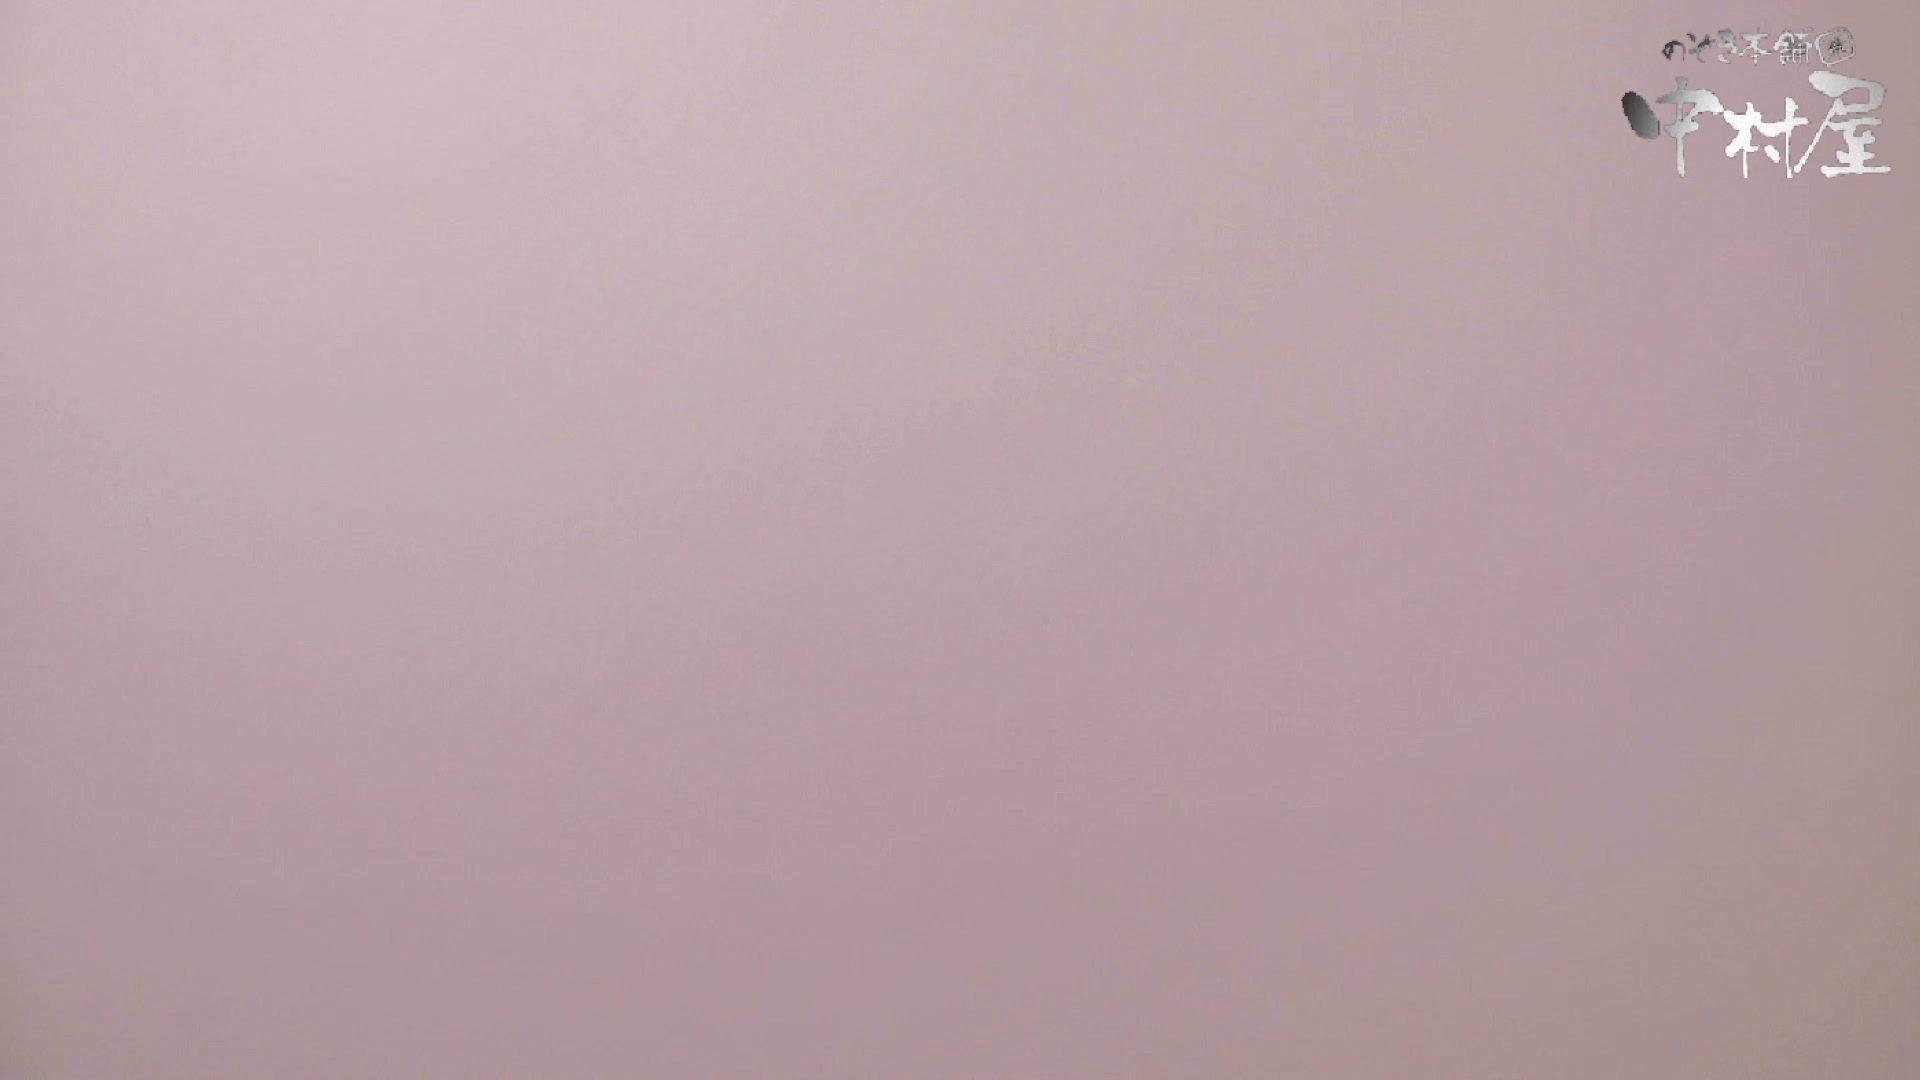 【世界の射窓から】世界の射窓から vol.6 洗面所編  81PIX 10